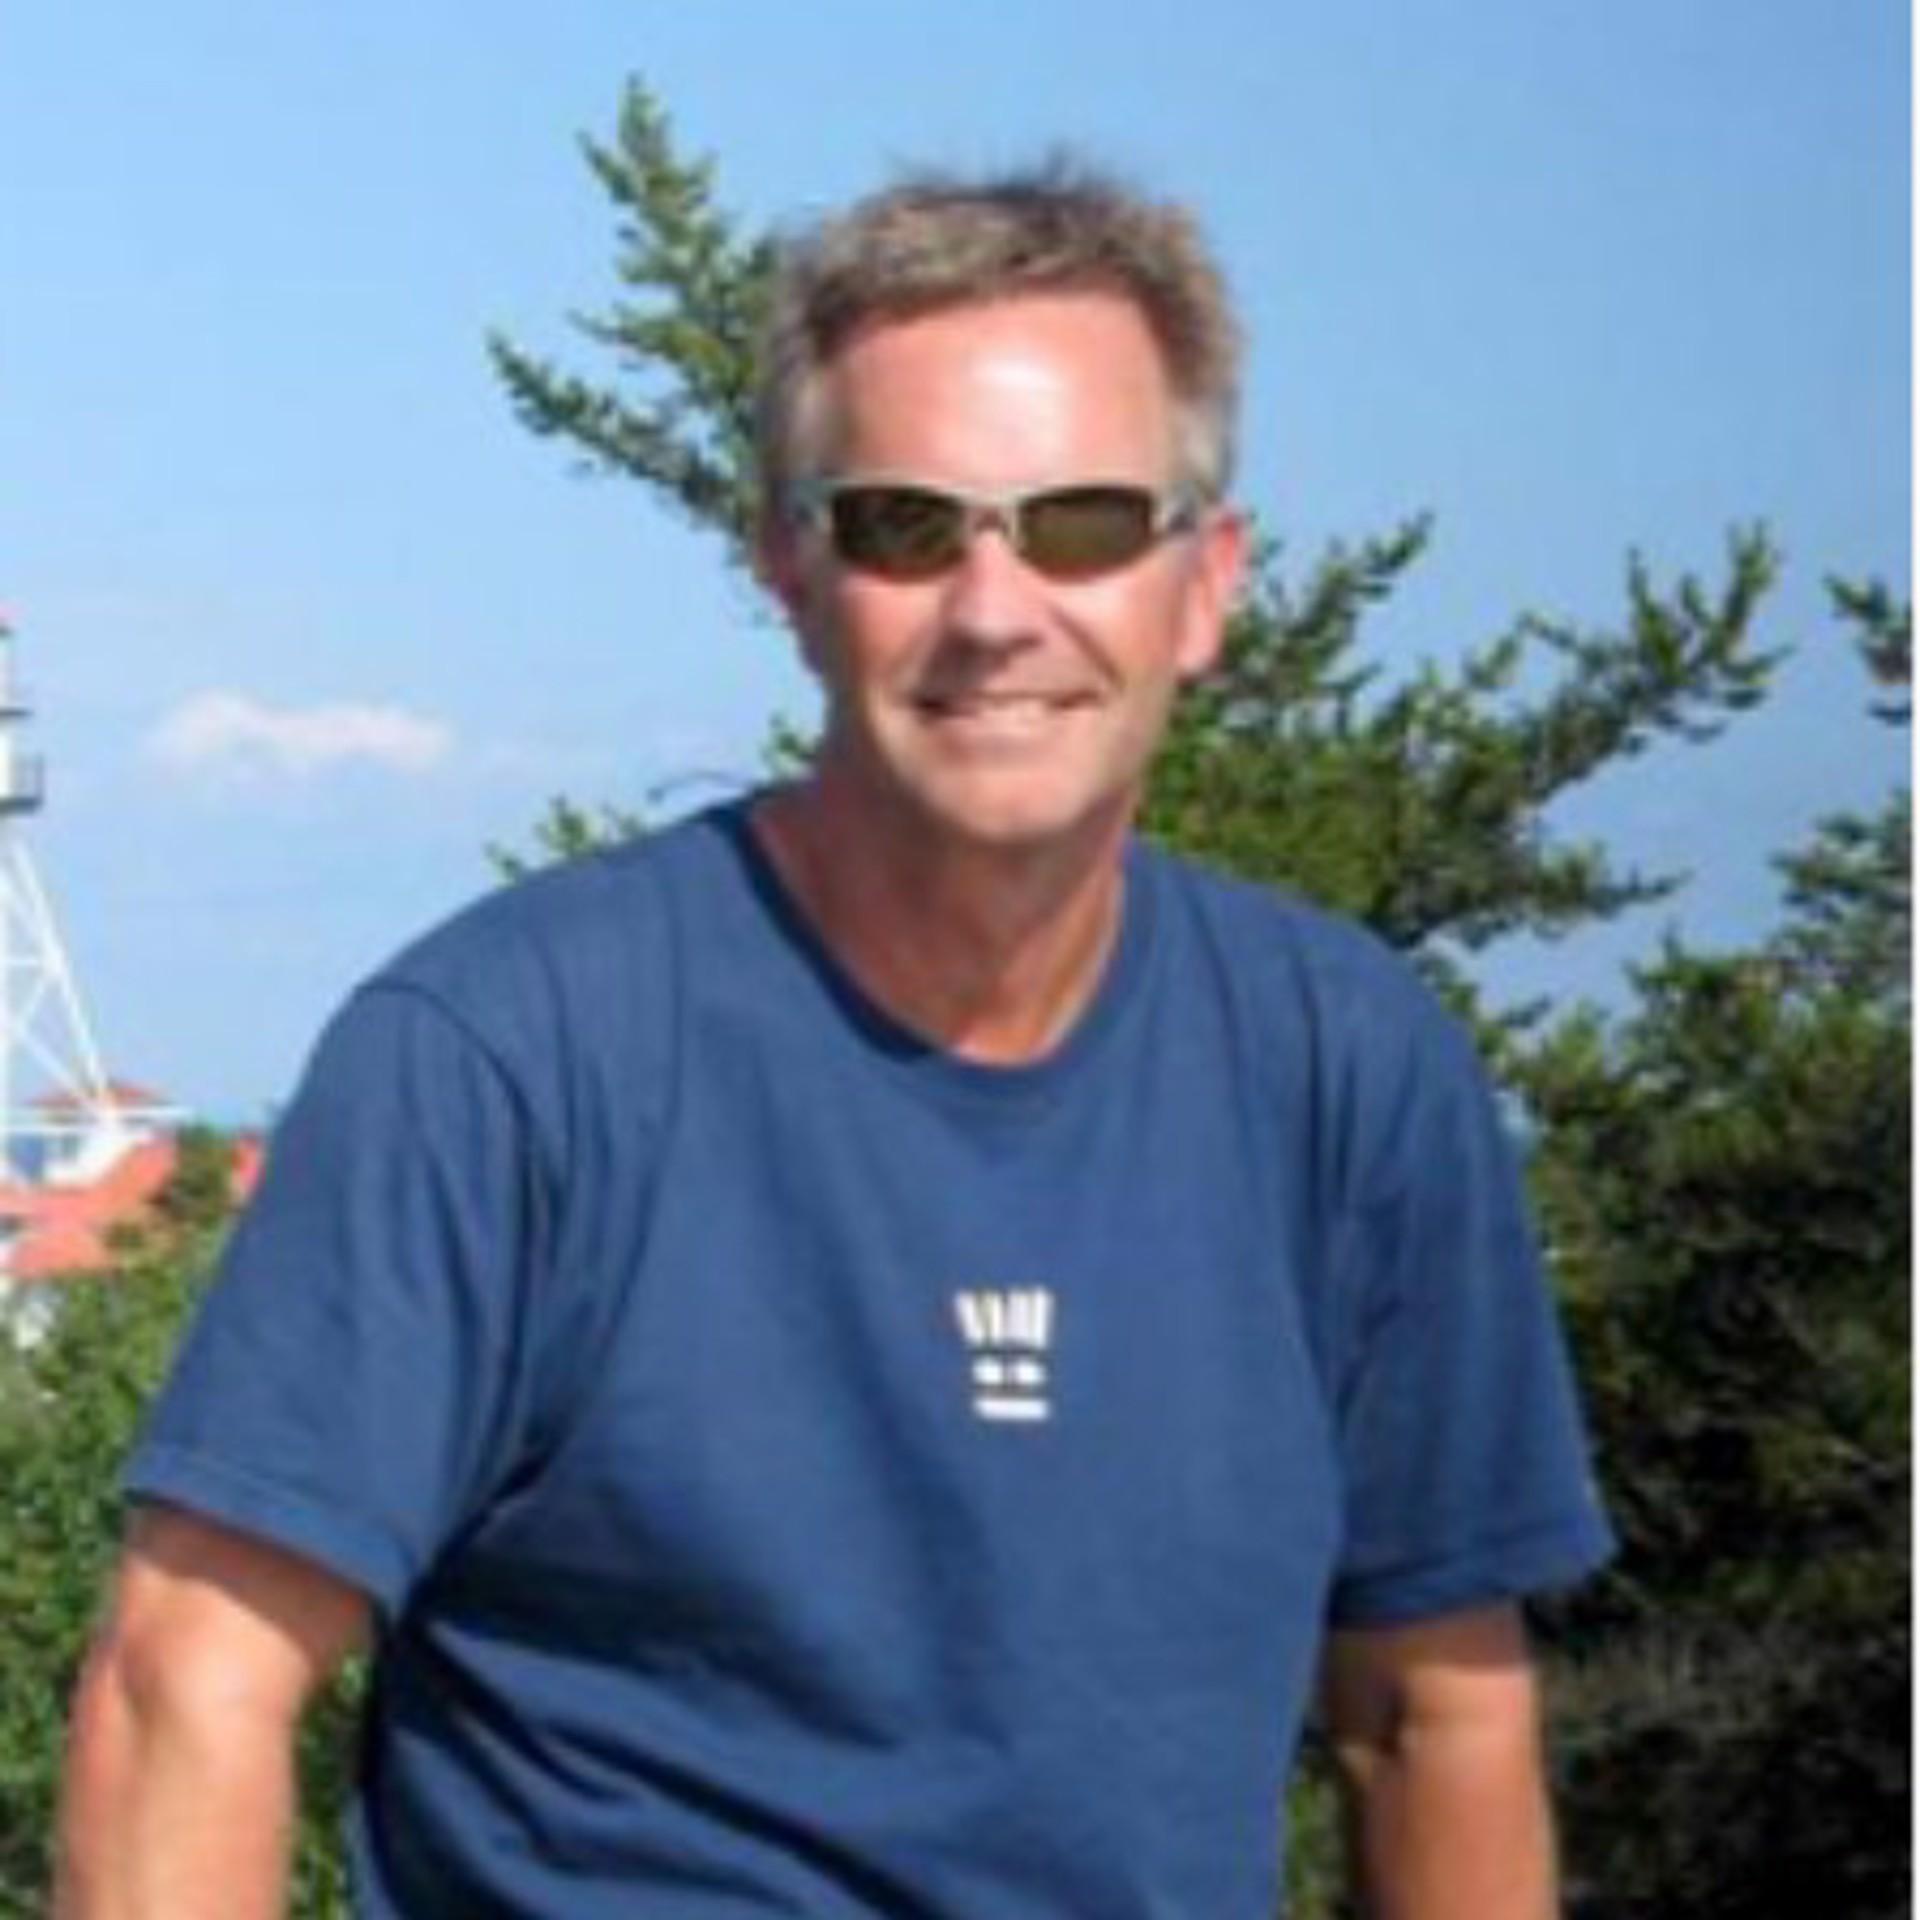 Paul Van Heest